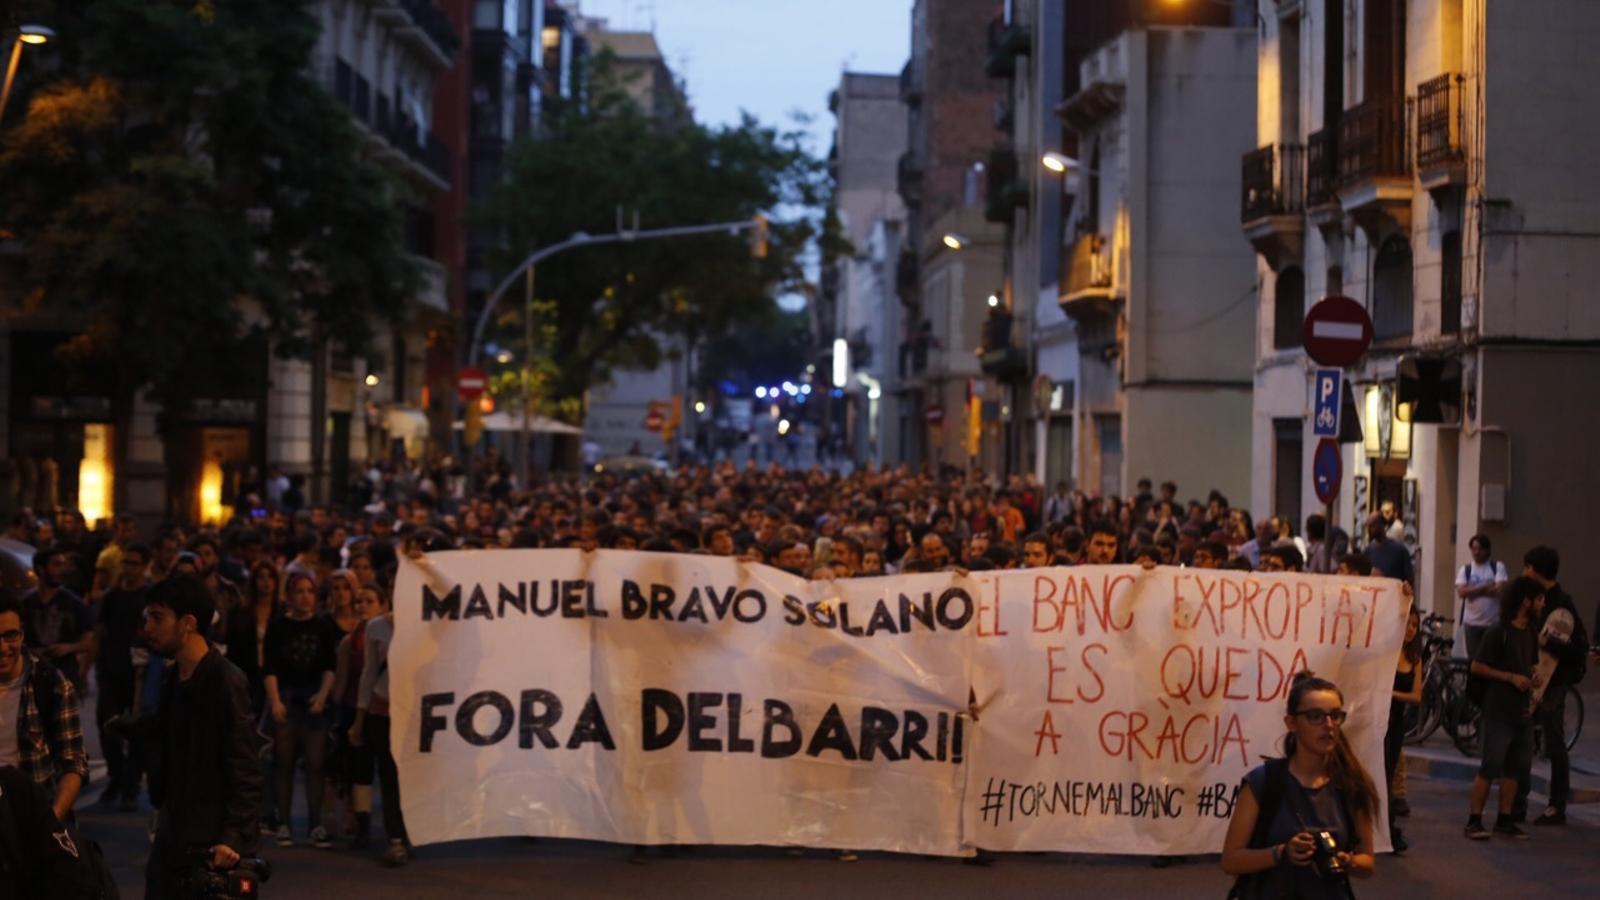 Manifestació d'okupes a Gràcia després de la detenció dels cinc joves que havien tornat a entrar al Banc Expropiat